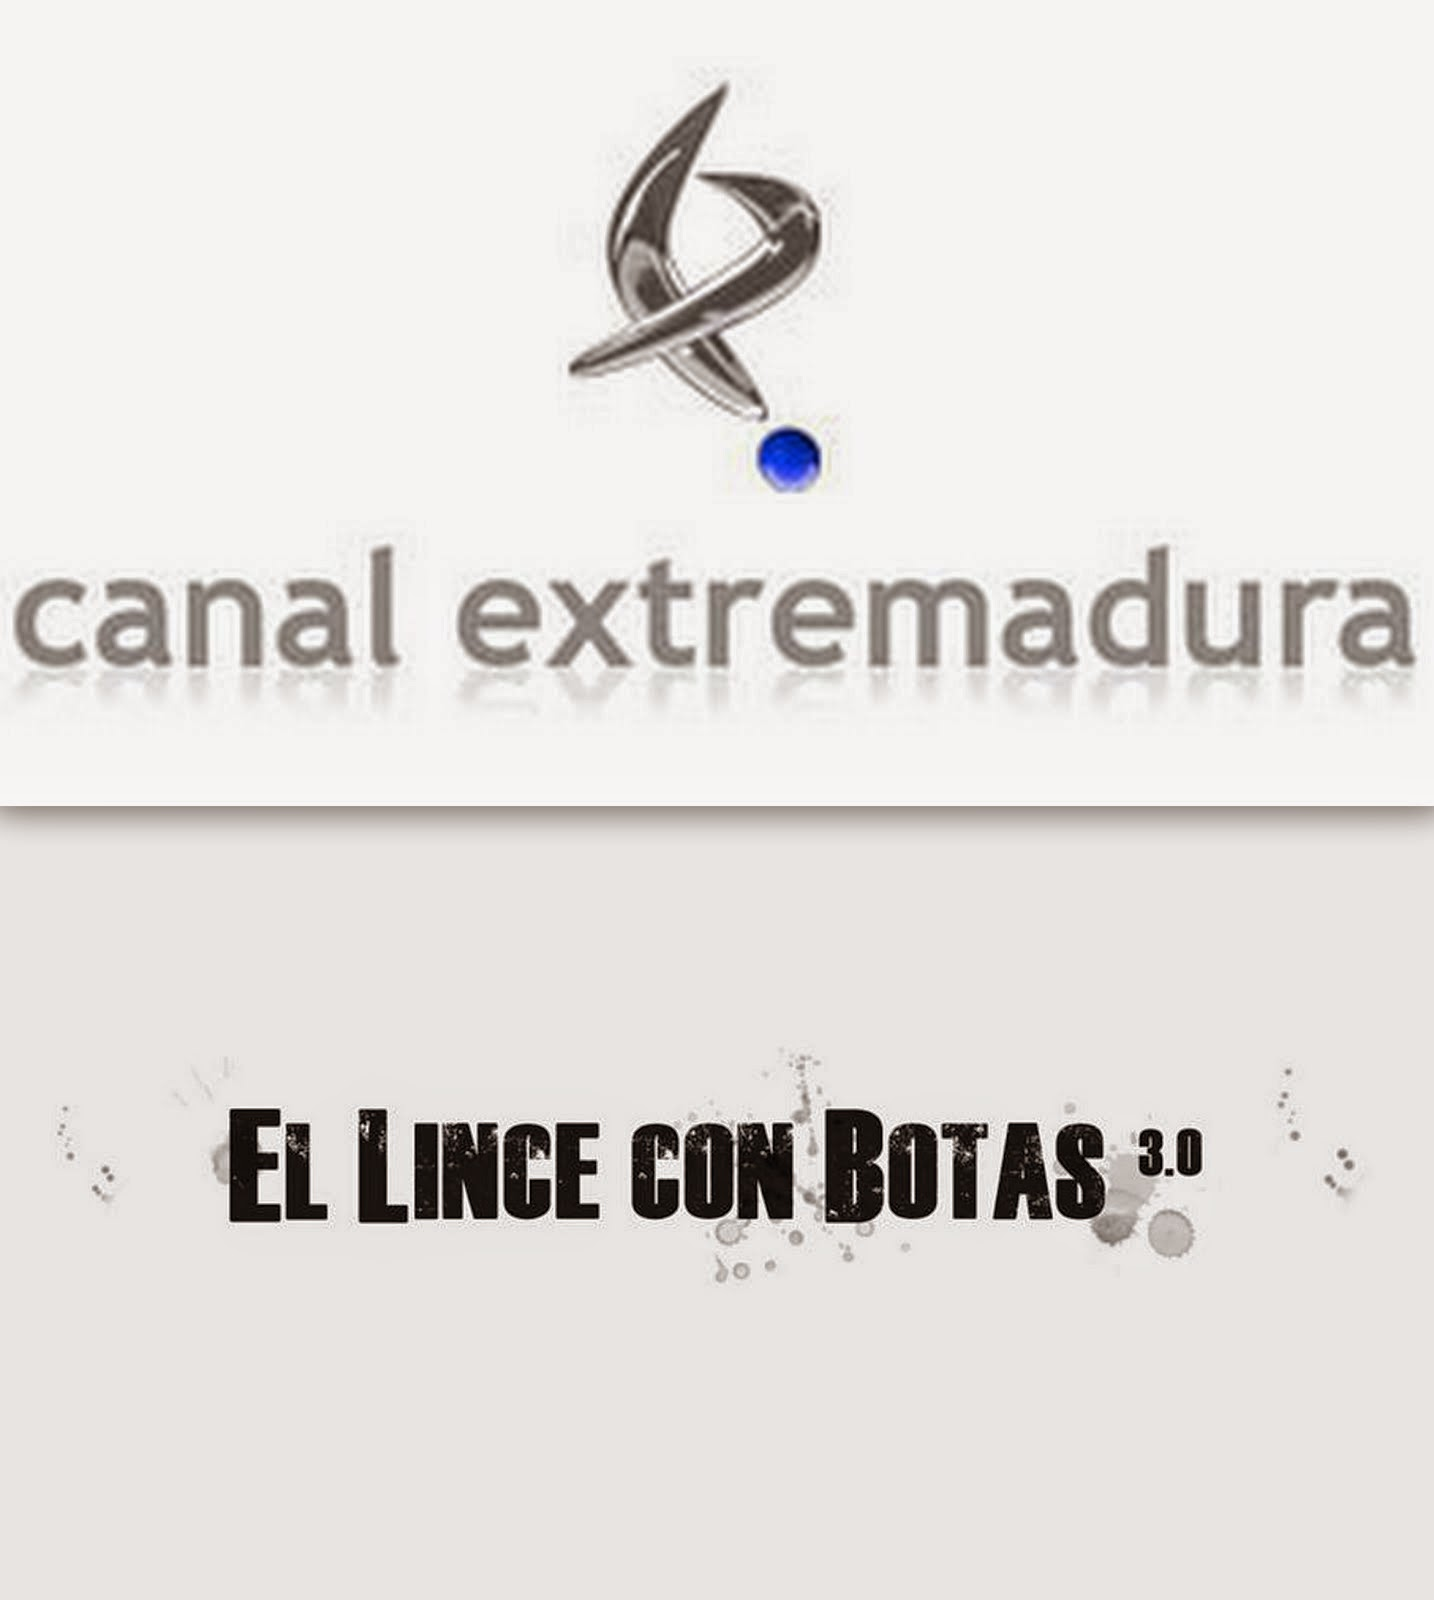 Canal Extremadura Televisión: El lince con botas 3.0